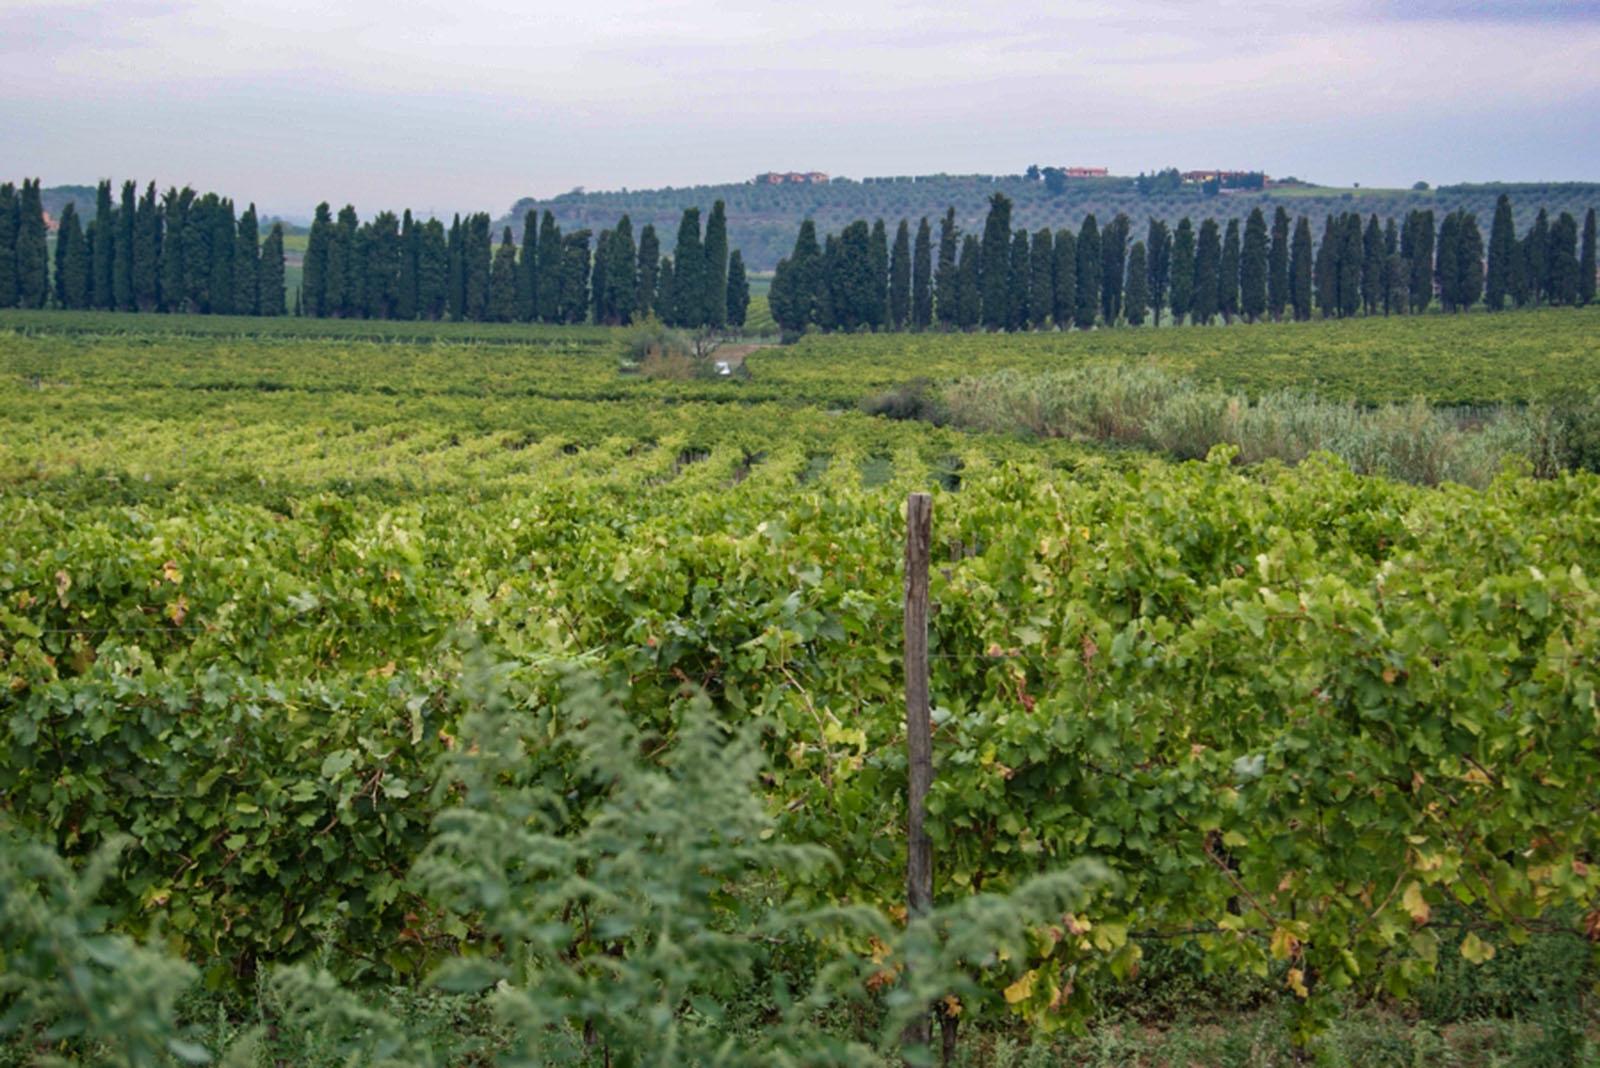 Vigne e paesaggio a Frascati